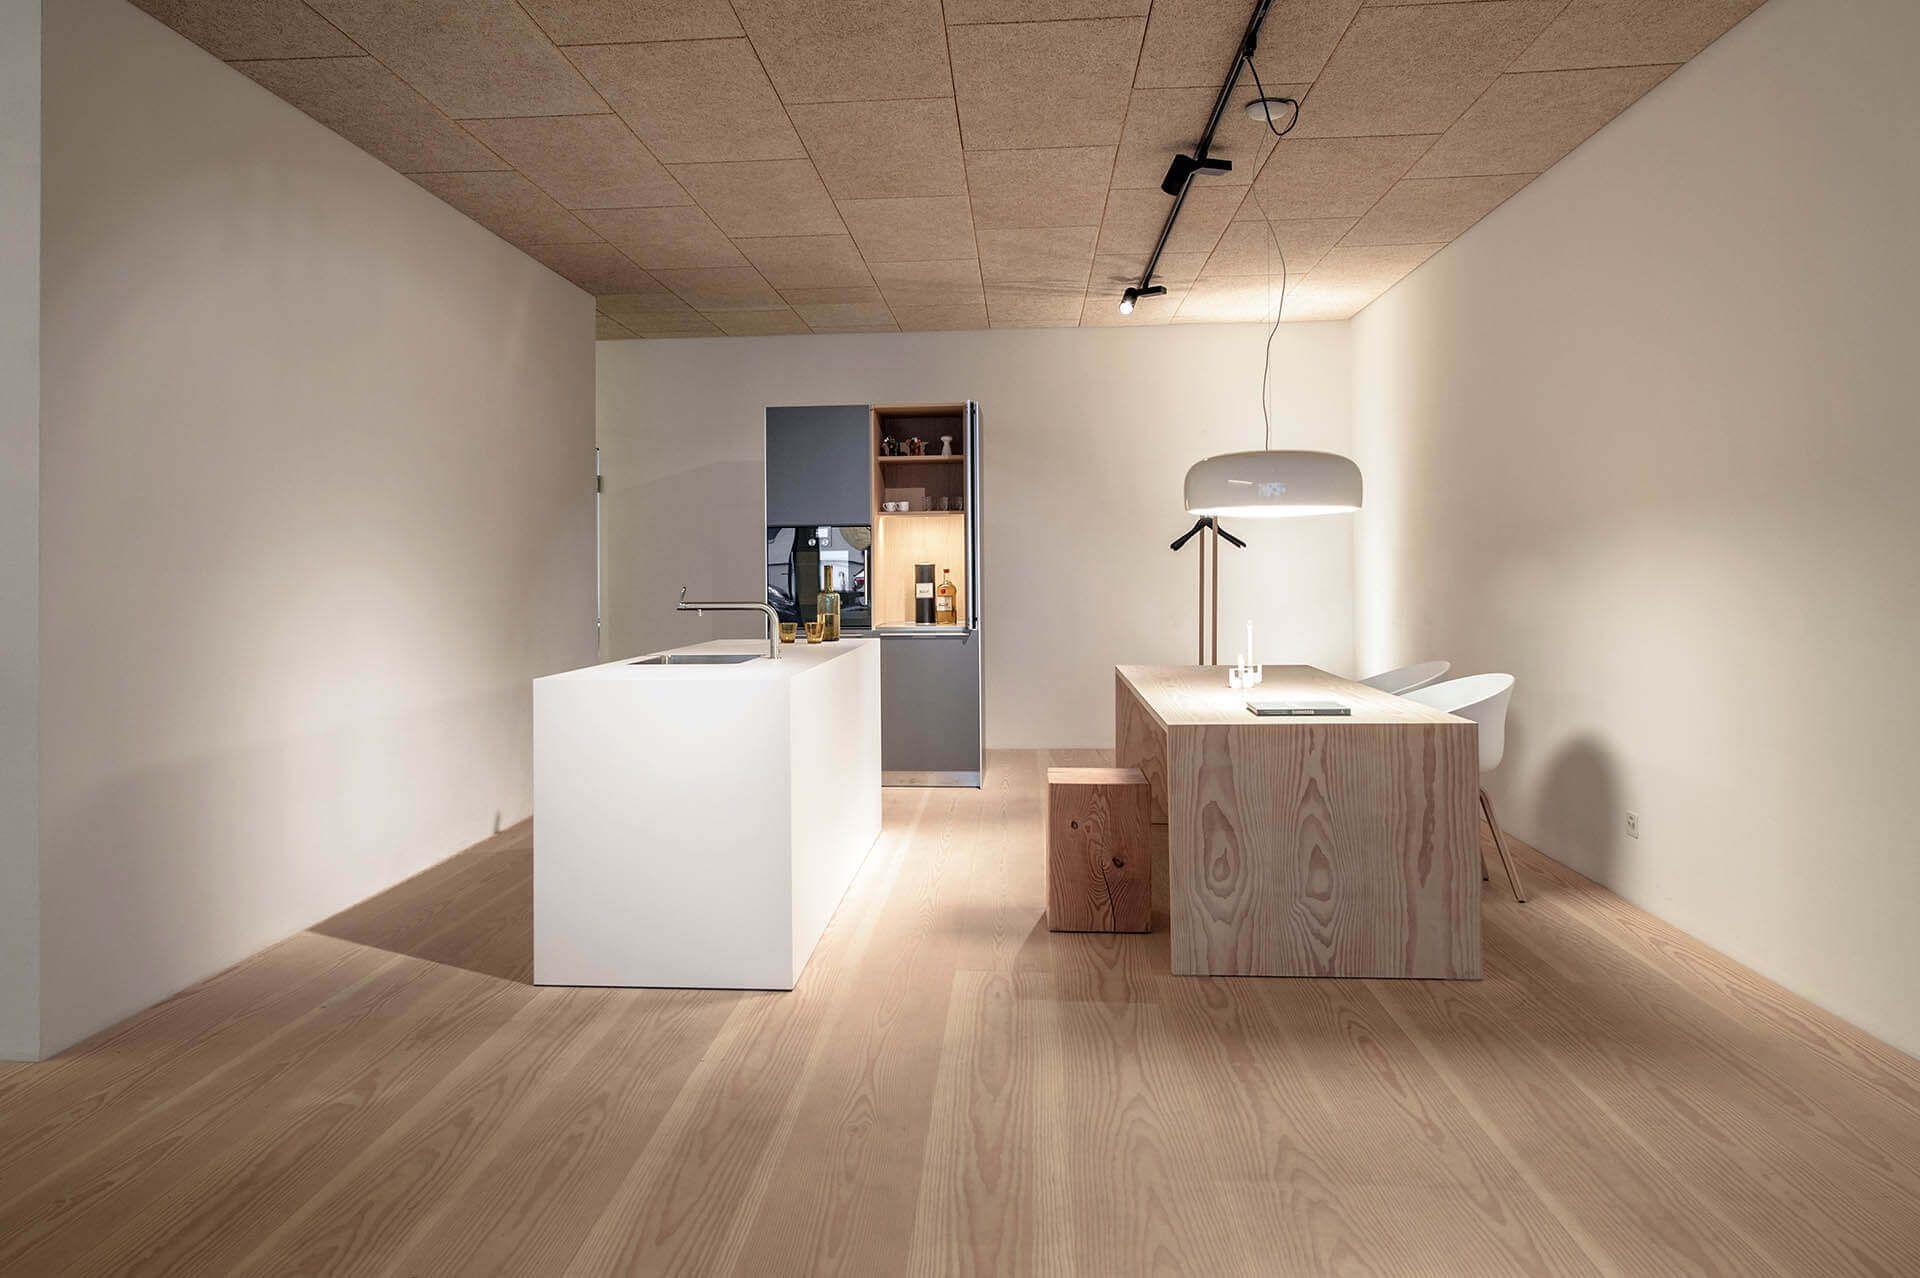 bulthaupt k che auf dielenboden mit pur natur dielen douglasie select 300mm breit und tisch aus. Black Bedroom Furniture Sets. Home Design Ideas